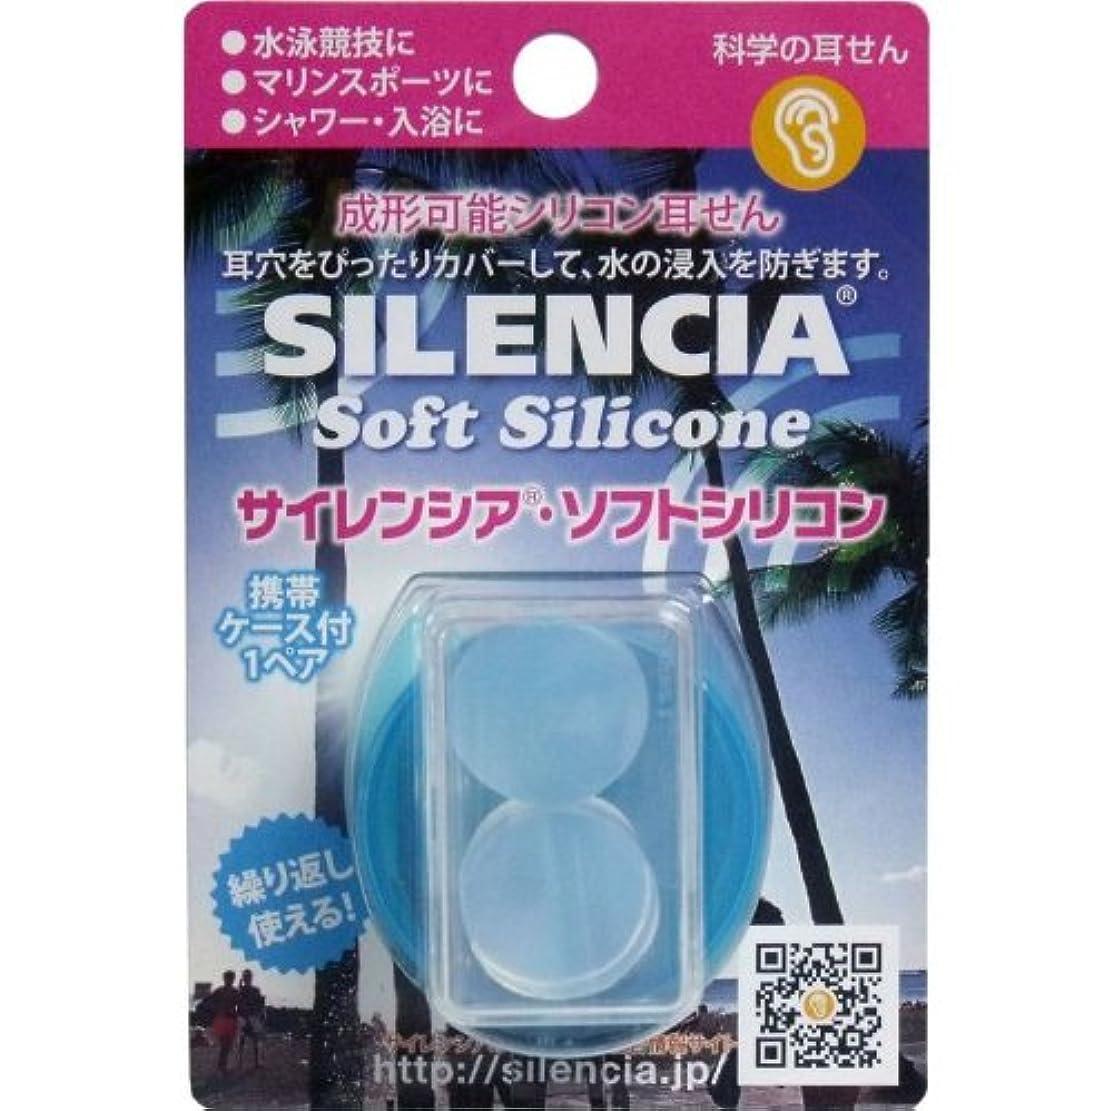 油ビーム弓サイレンシア ソフトシリコン 携帯ケース付1ペア入